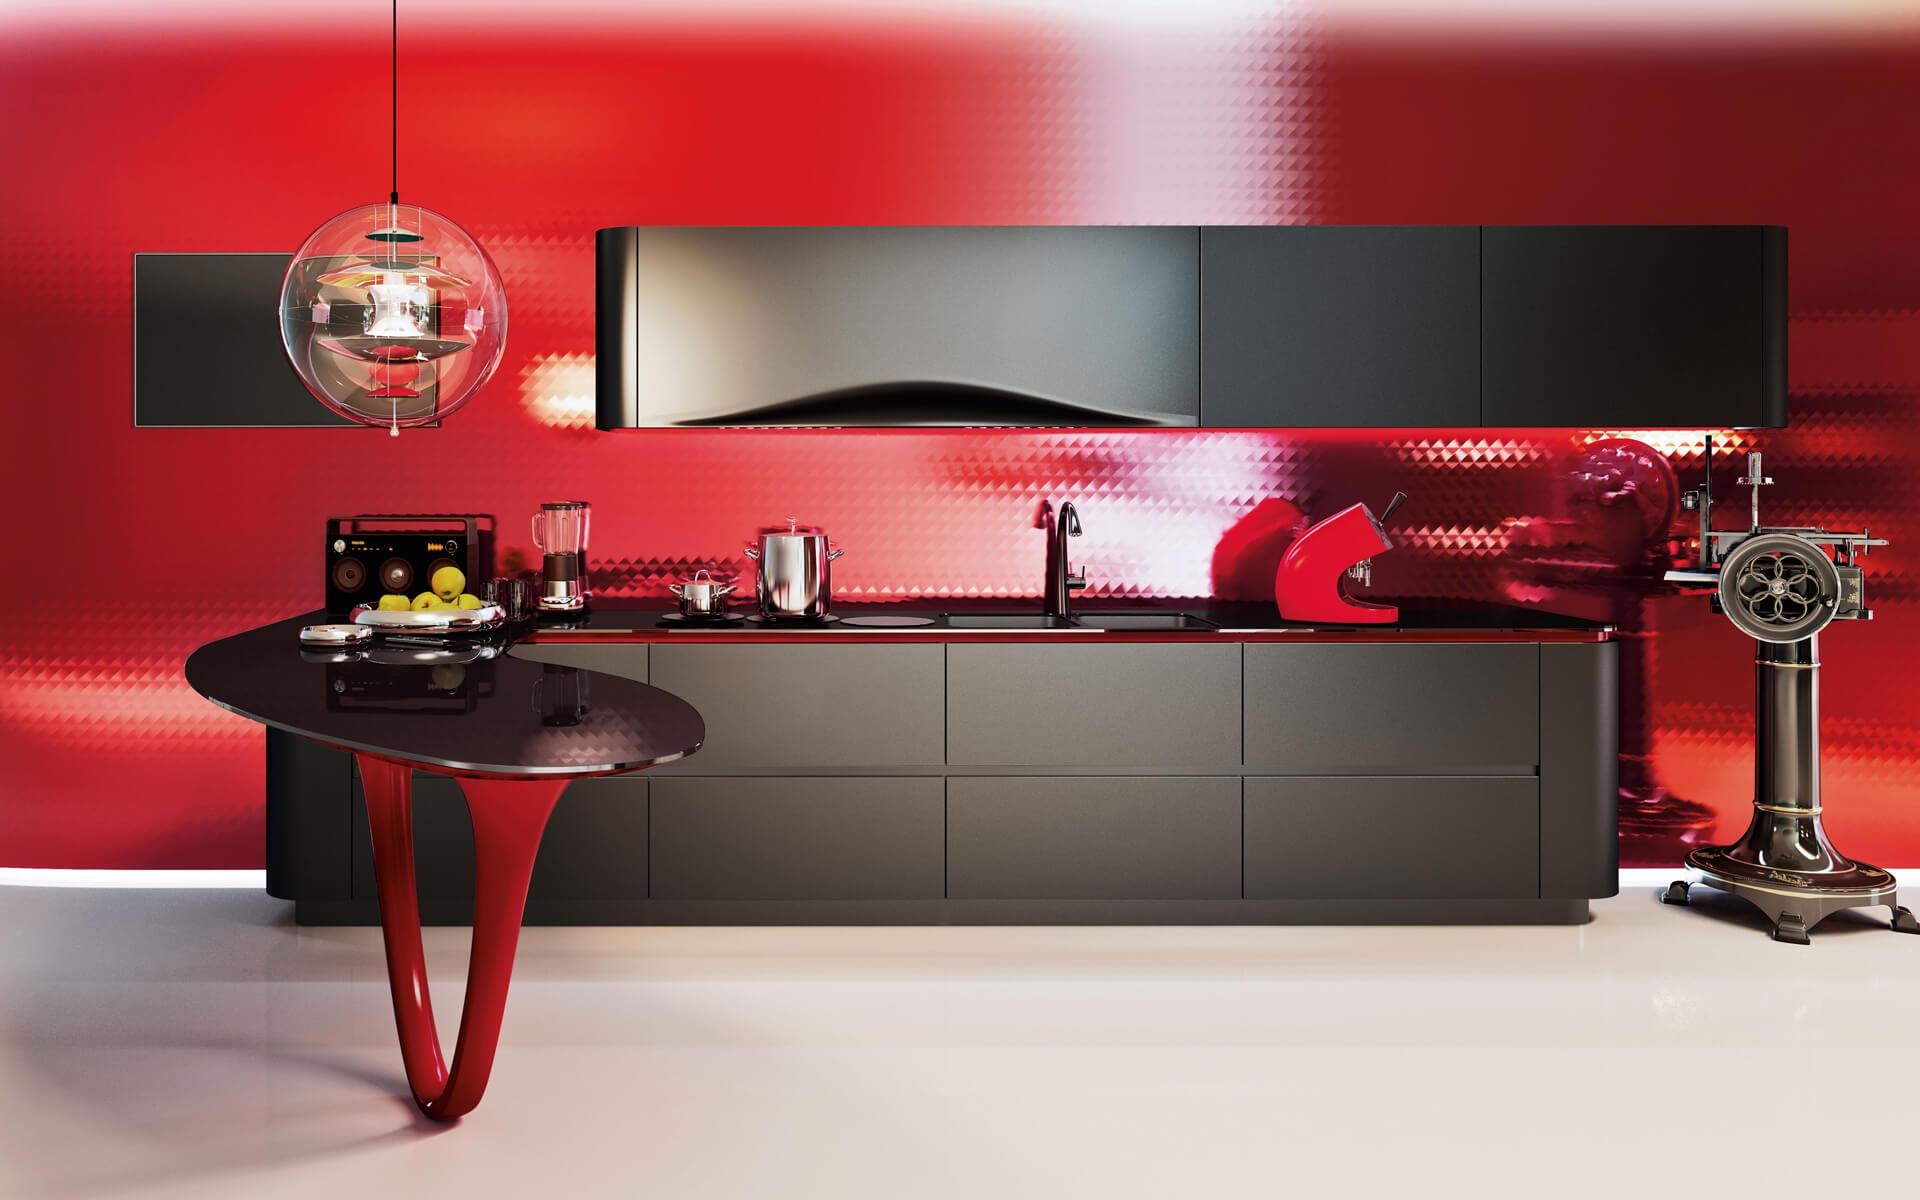 Cocinas en perfecto equilibrio. Diseño y funcionalidad.